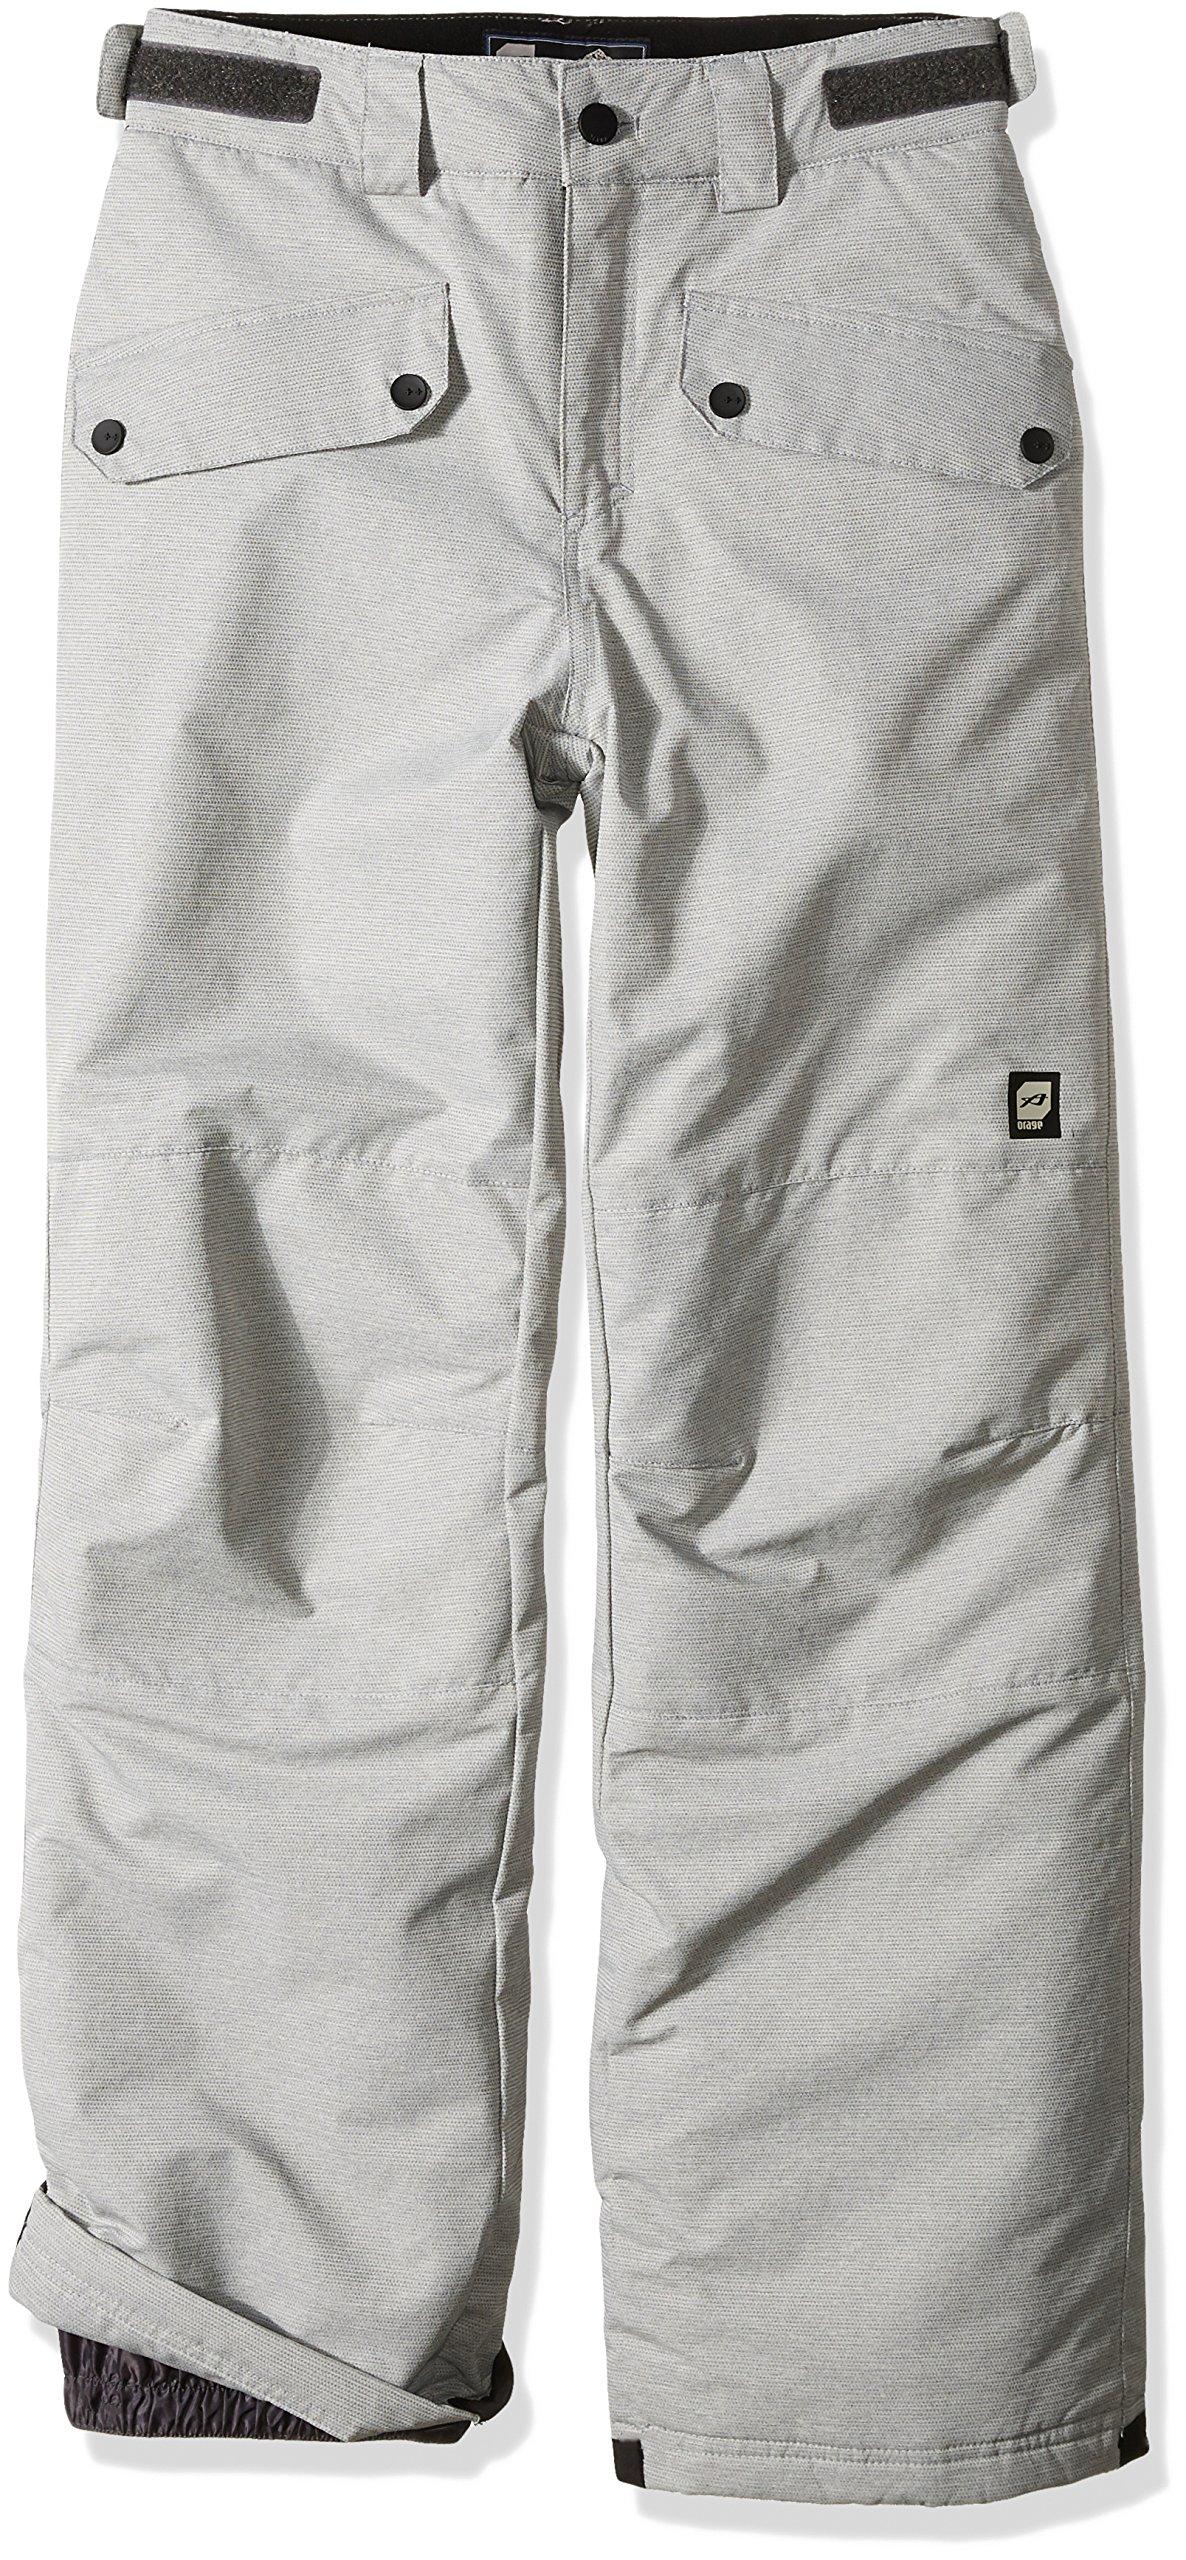 Orage Boys Tarzo Pants, Heather Grey, Size 14